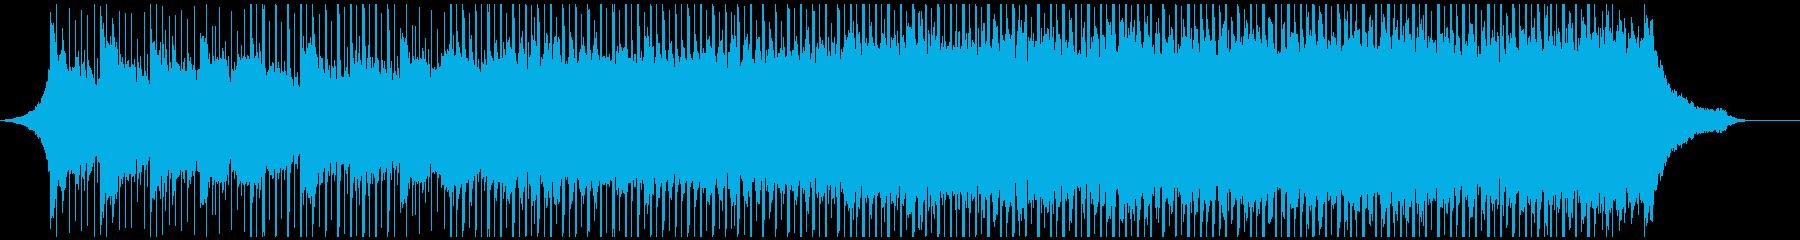 広告(中)の再生済みの波形